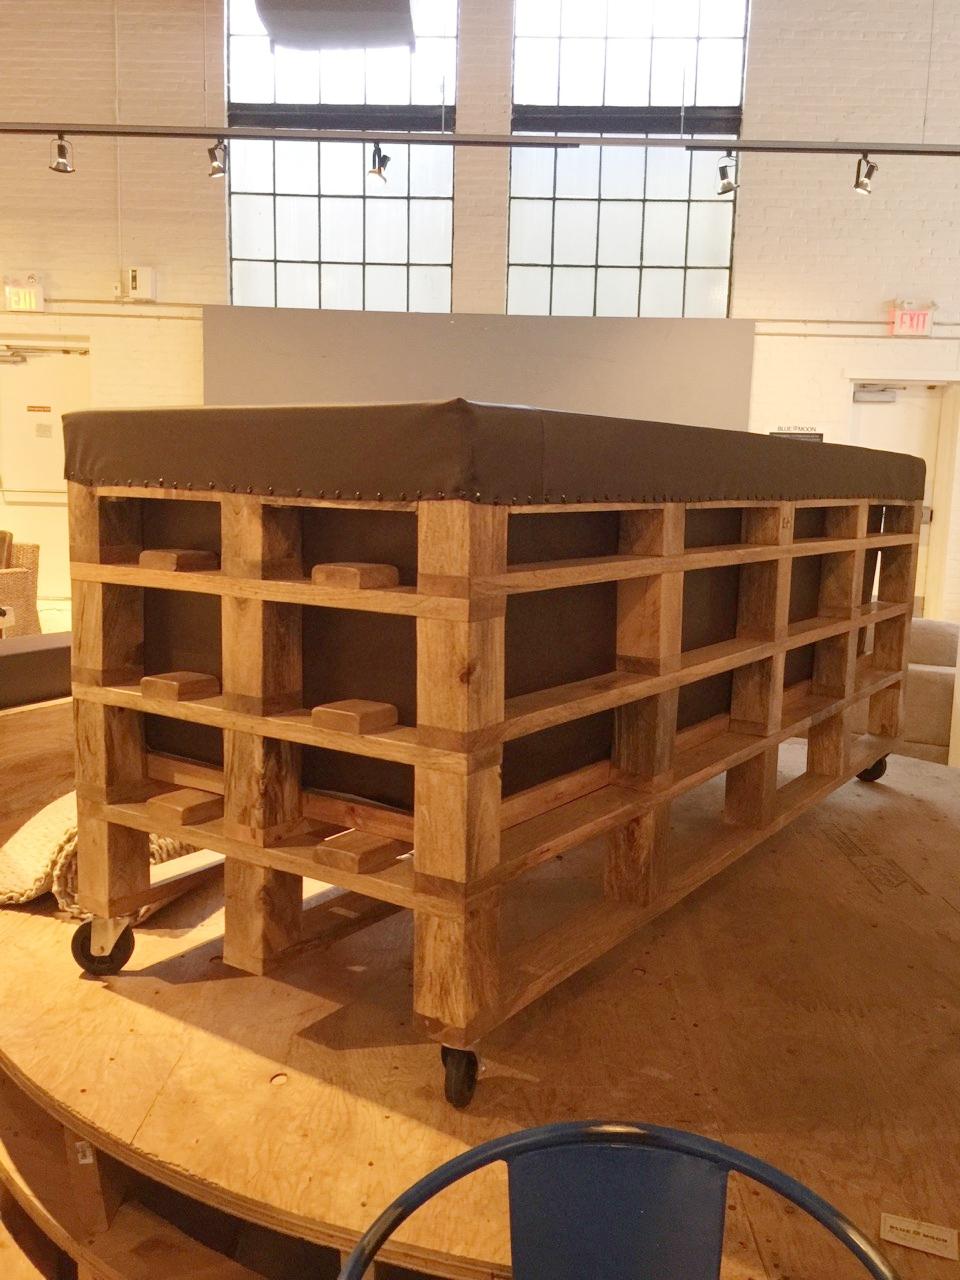 deconstructed furniture. Crate furniture. industrial furniture